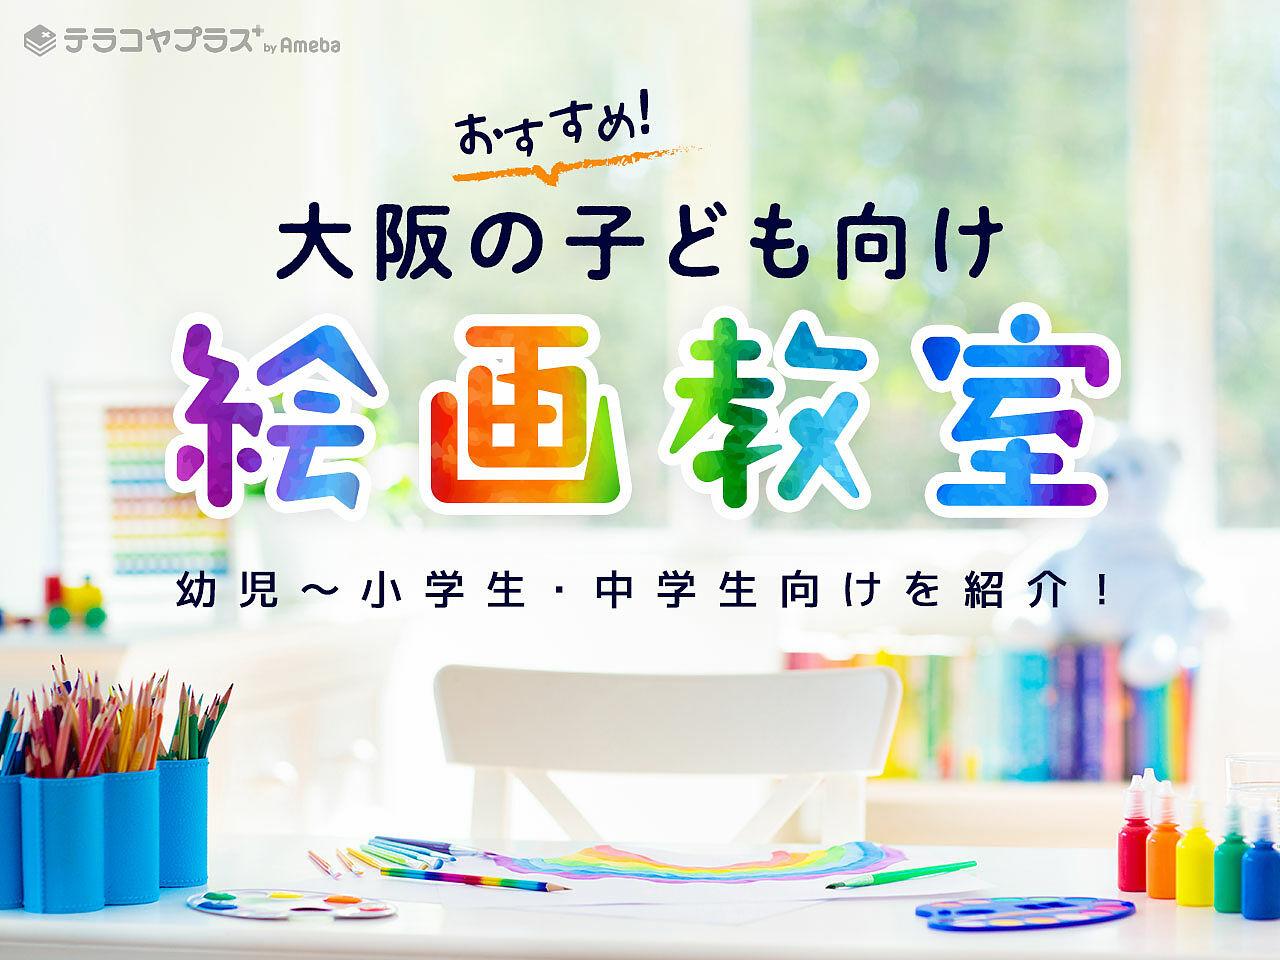 大阪の子ども向け絵画教室おすすめ20選【2021年】幼児~小学生・中学生向けを紹介!の画像